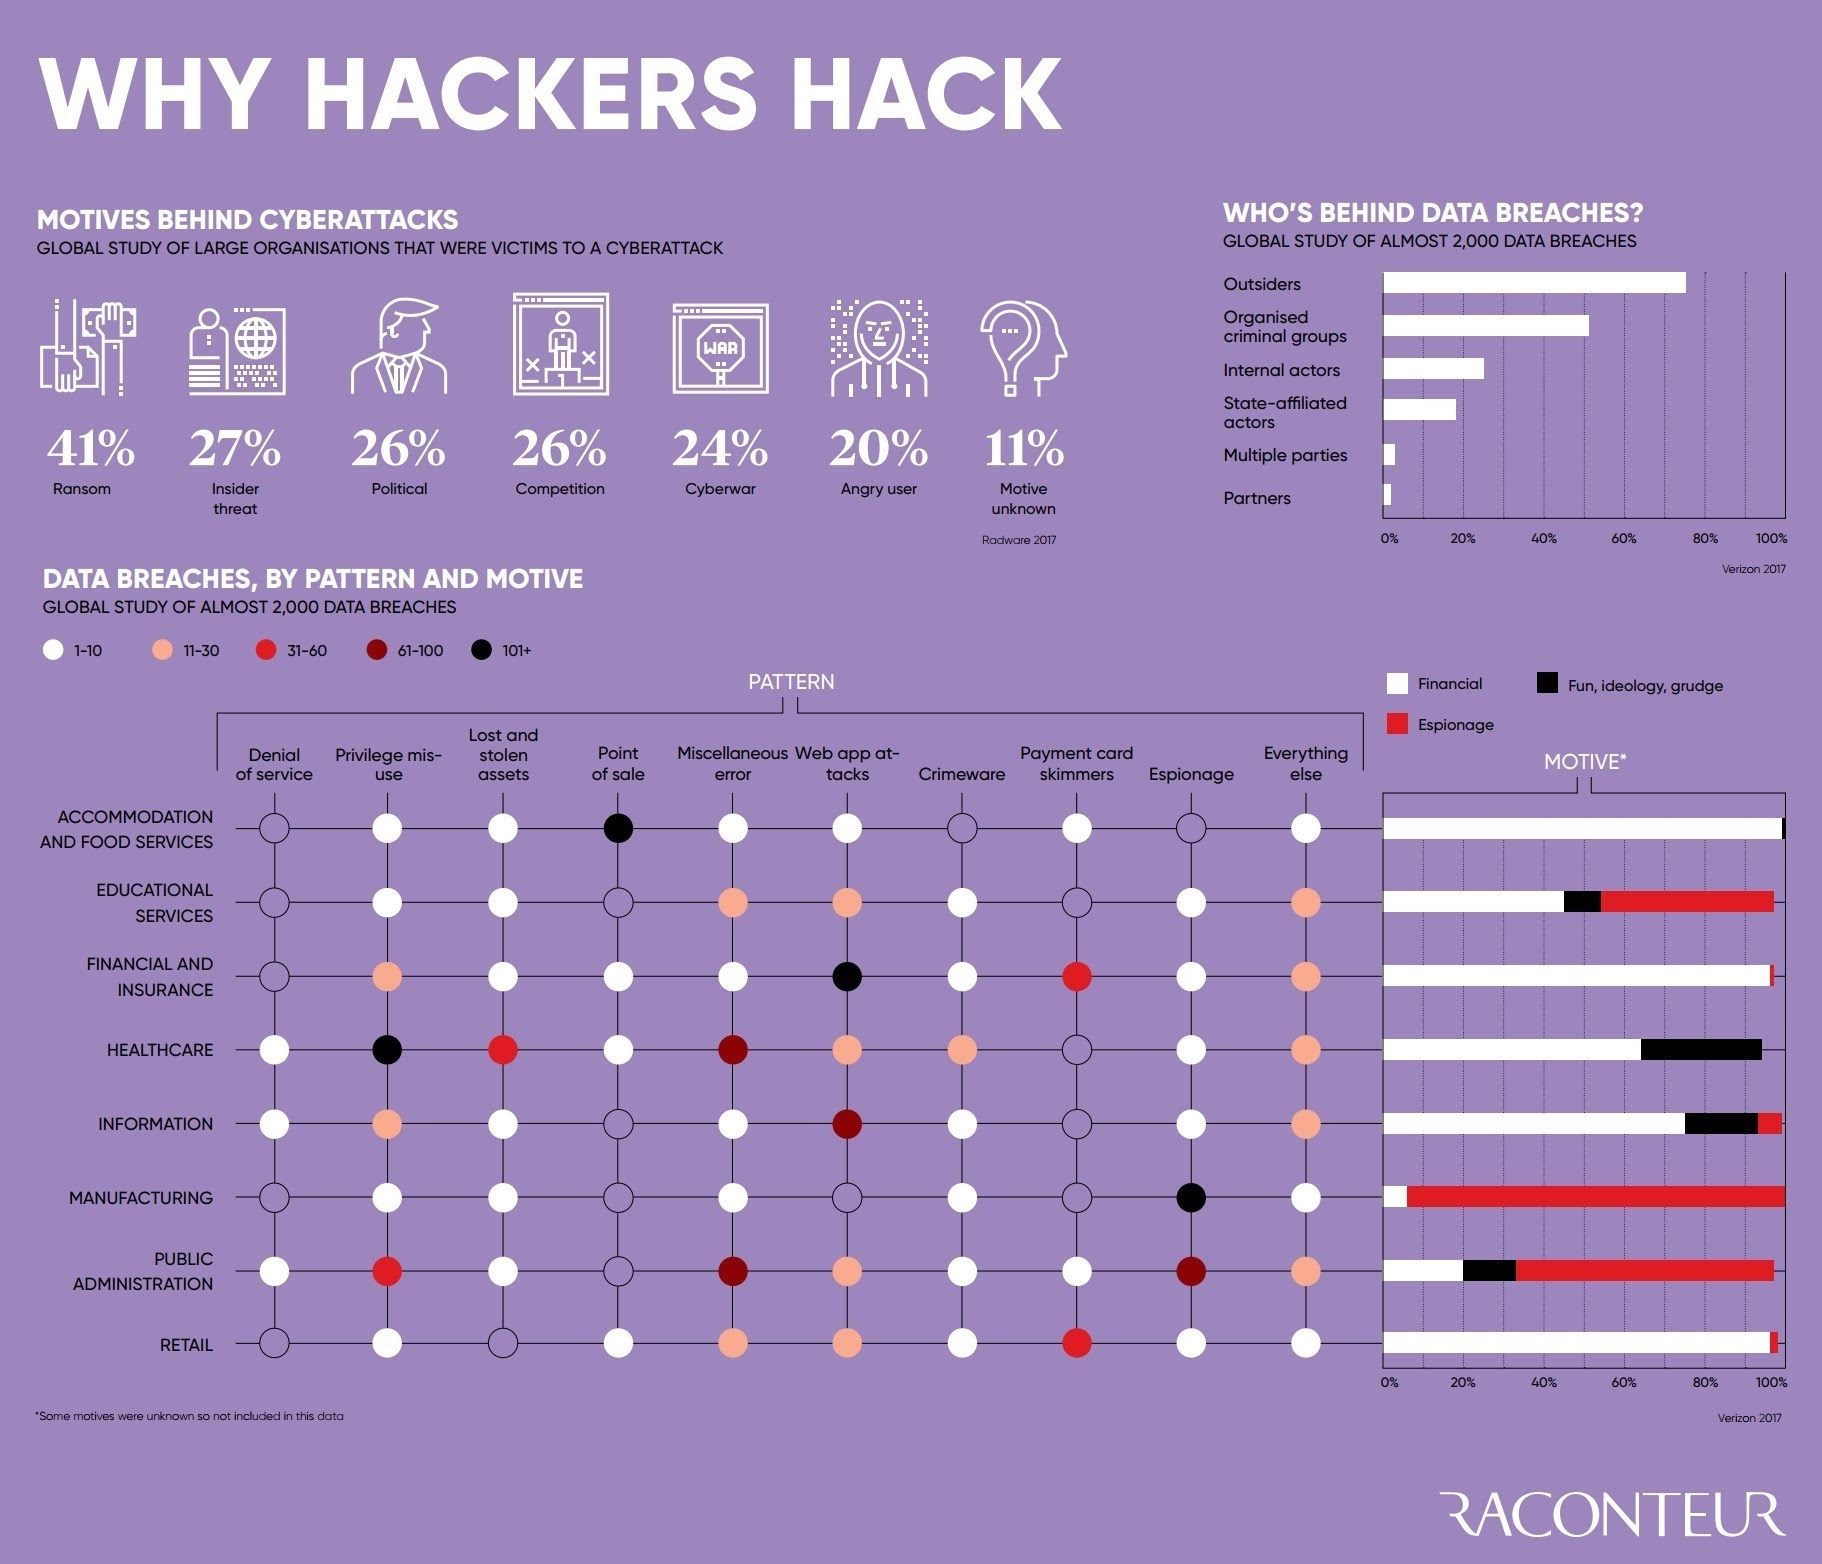 Las motivaciones detrás de los ciberataques